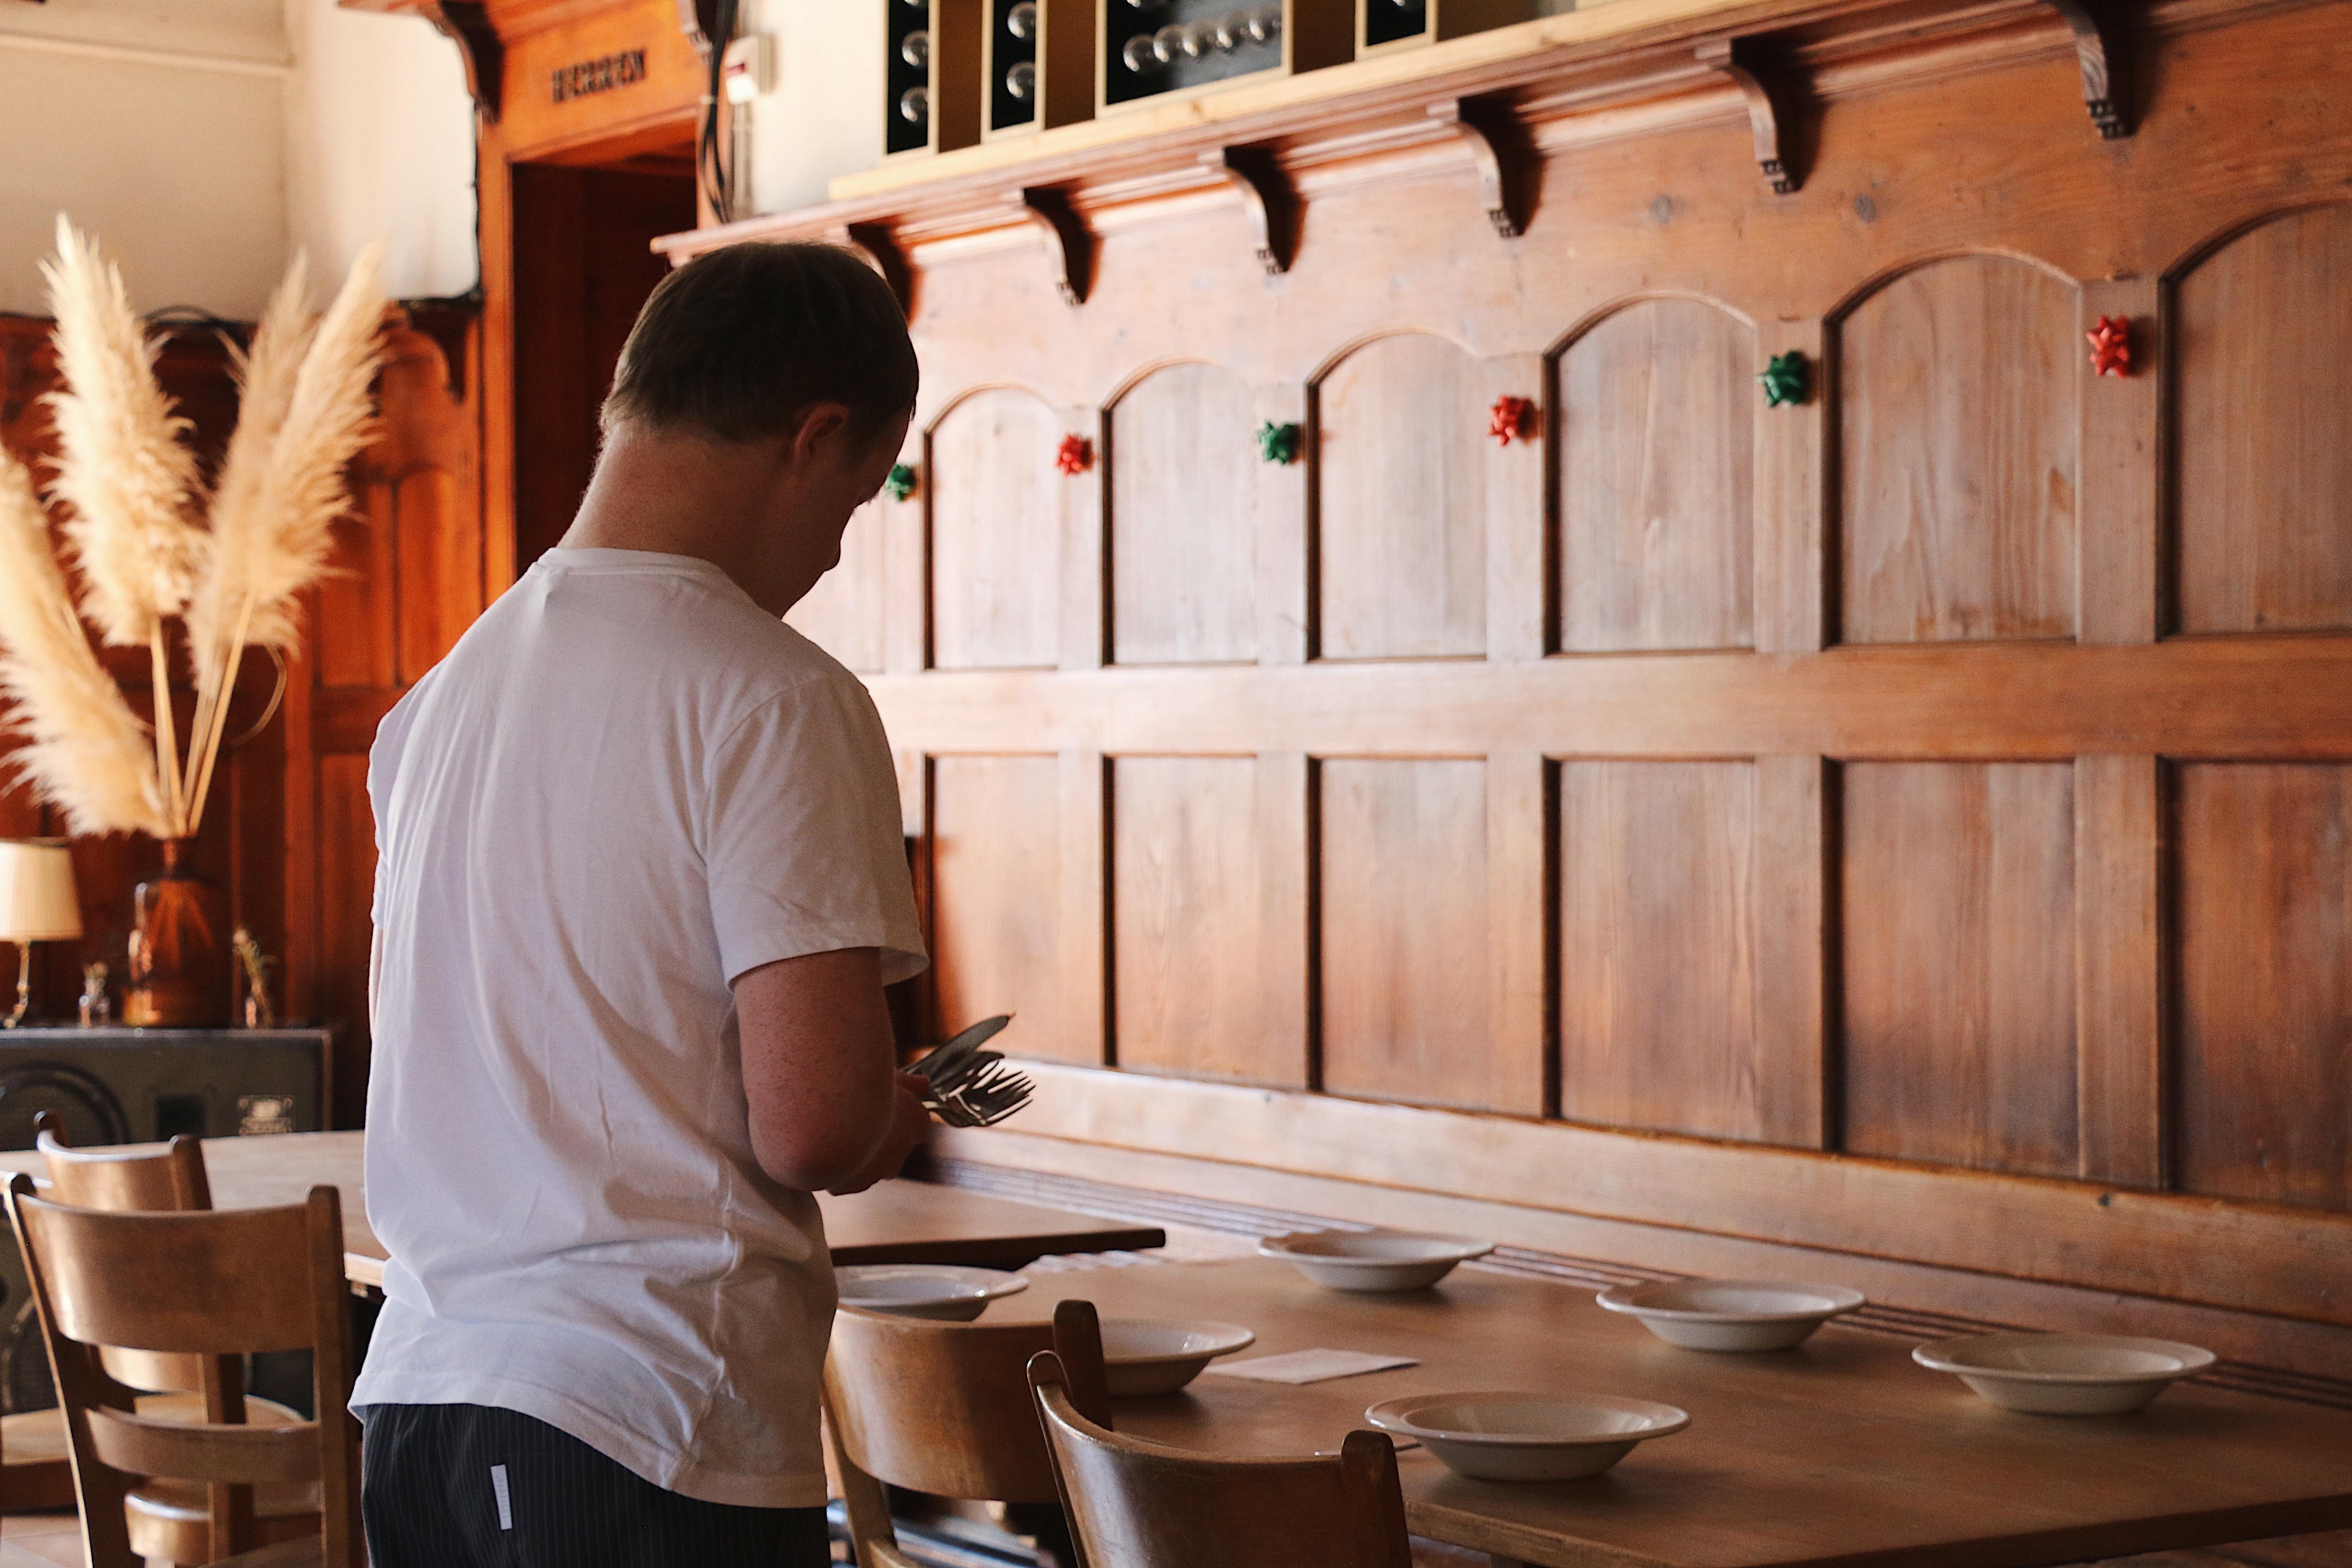 Ein Mitarbeiter im weissen Hemd und schwarzer Hose deckt einen Tisch. Er legt besteck neben weisse Teller, die auf einem Holztisch stehen. Auch die Einrichtung ist von einer Holzwand geprägt, die im Hintergrund zu sehen ist.